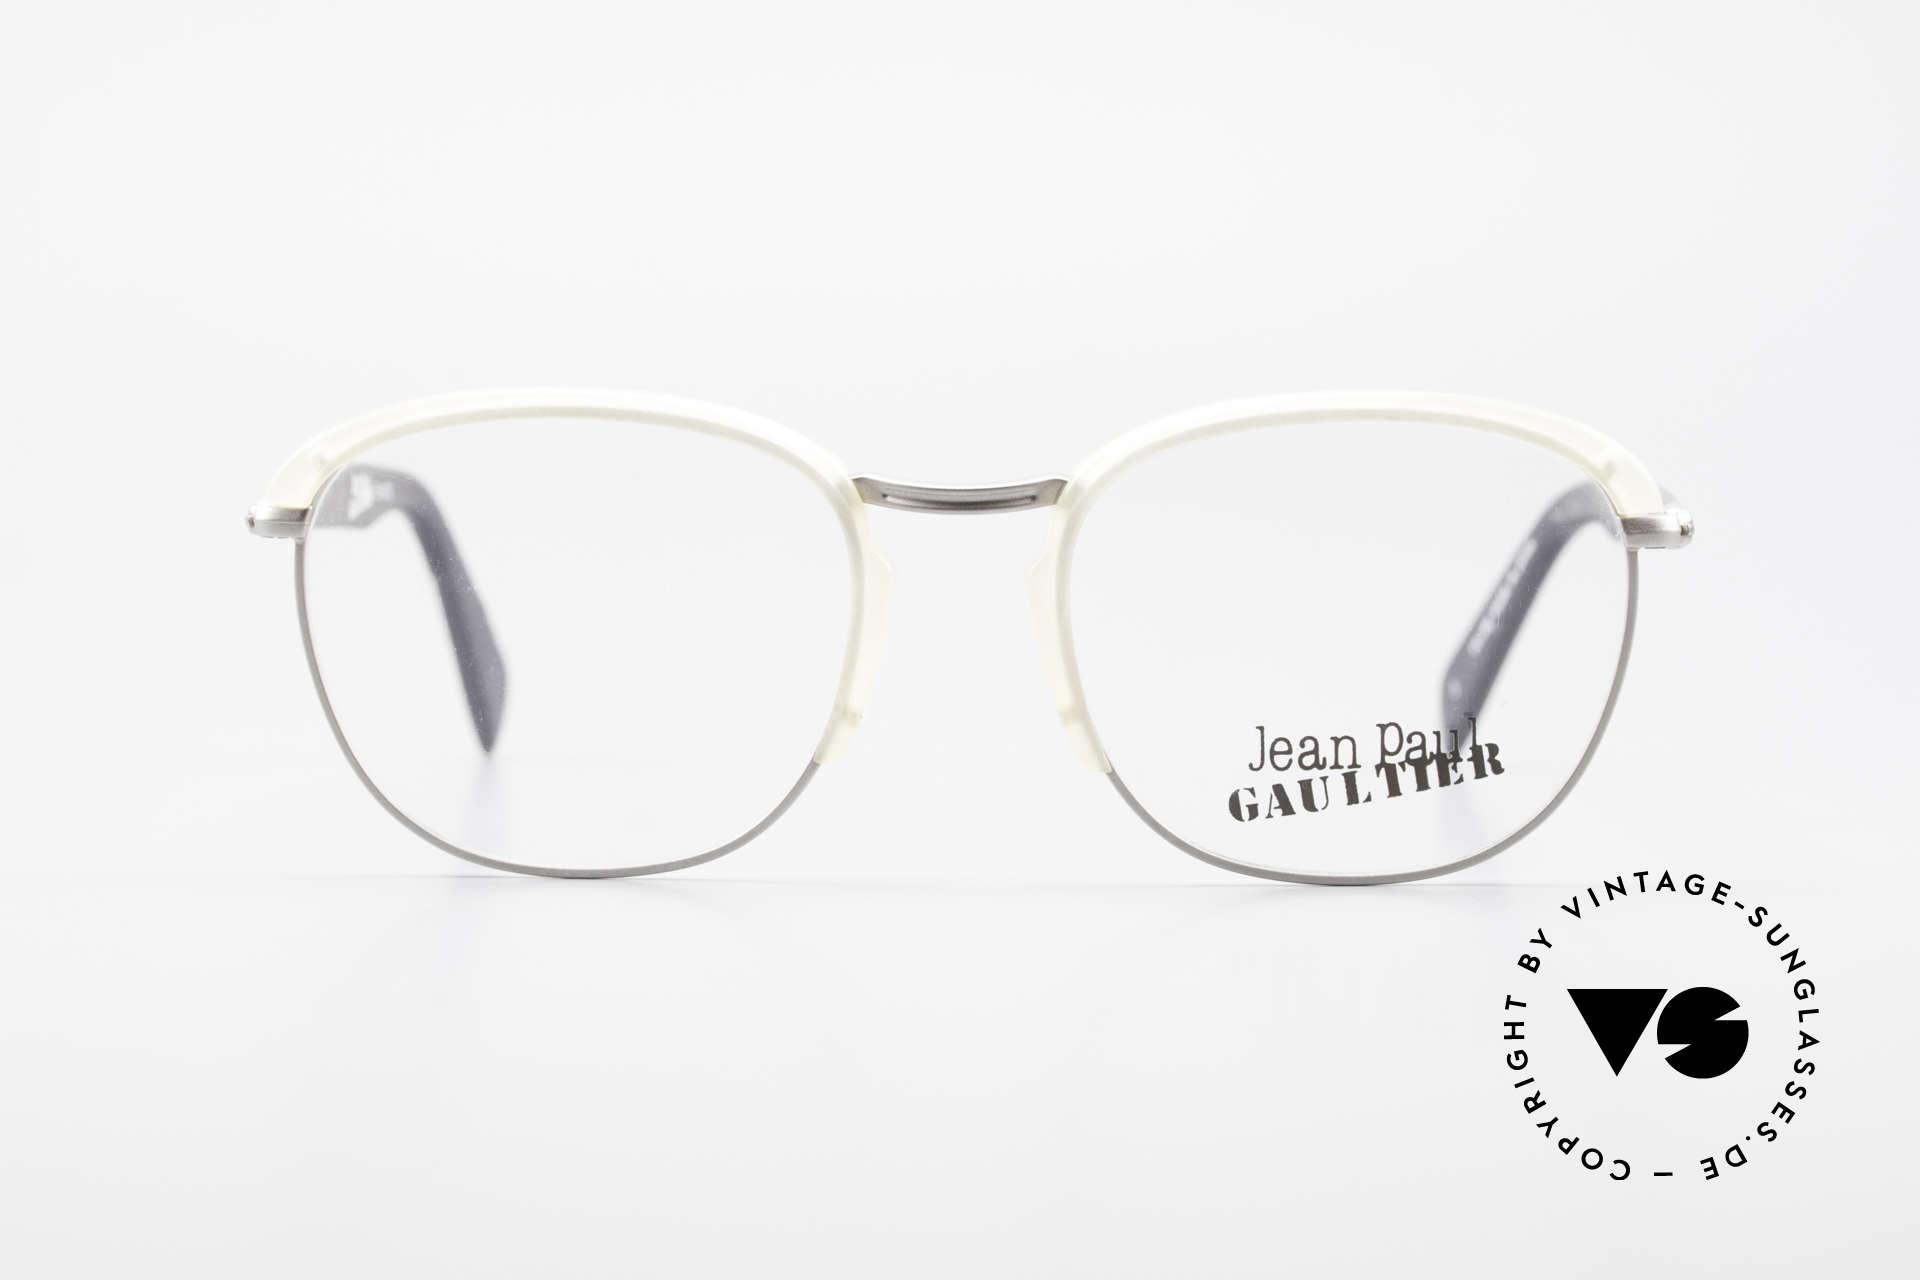 Jean Paul Gaultier 55-1273 Alte 90er Vintage Brille JPG, sehr leichter Rahmen & entsprechend hoher Komfort, Passend für Herren und Damen